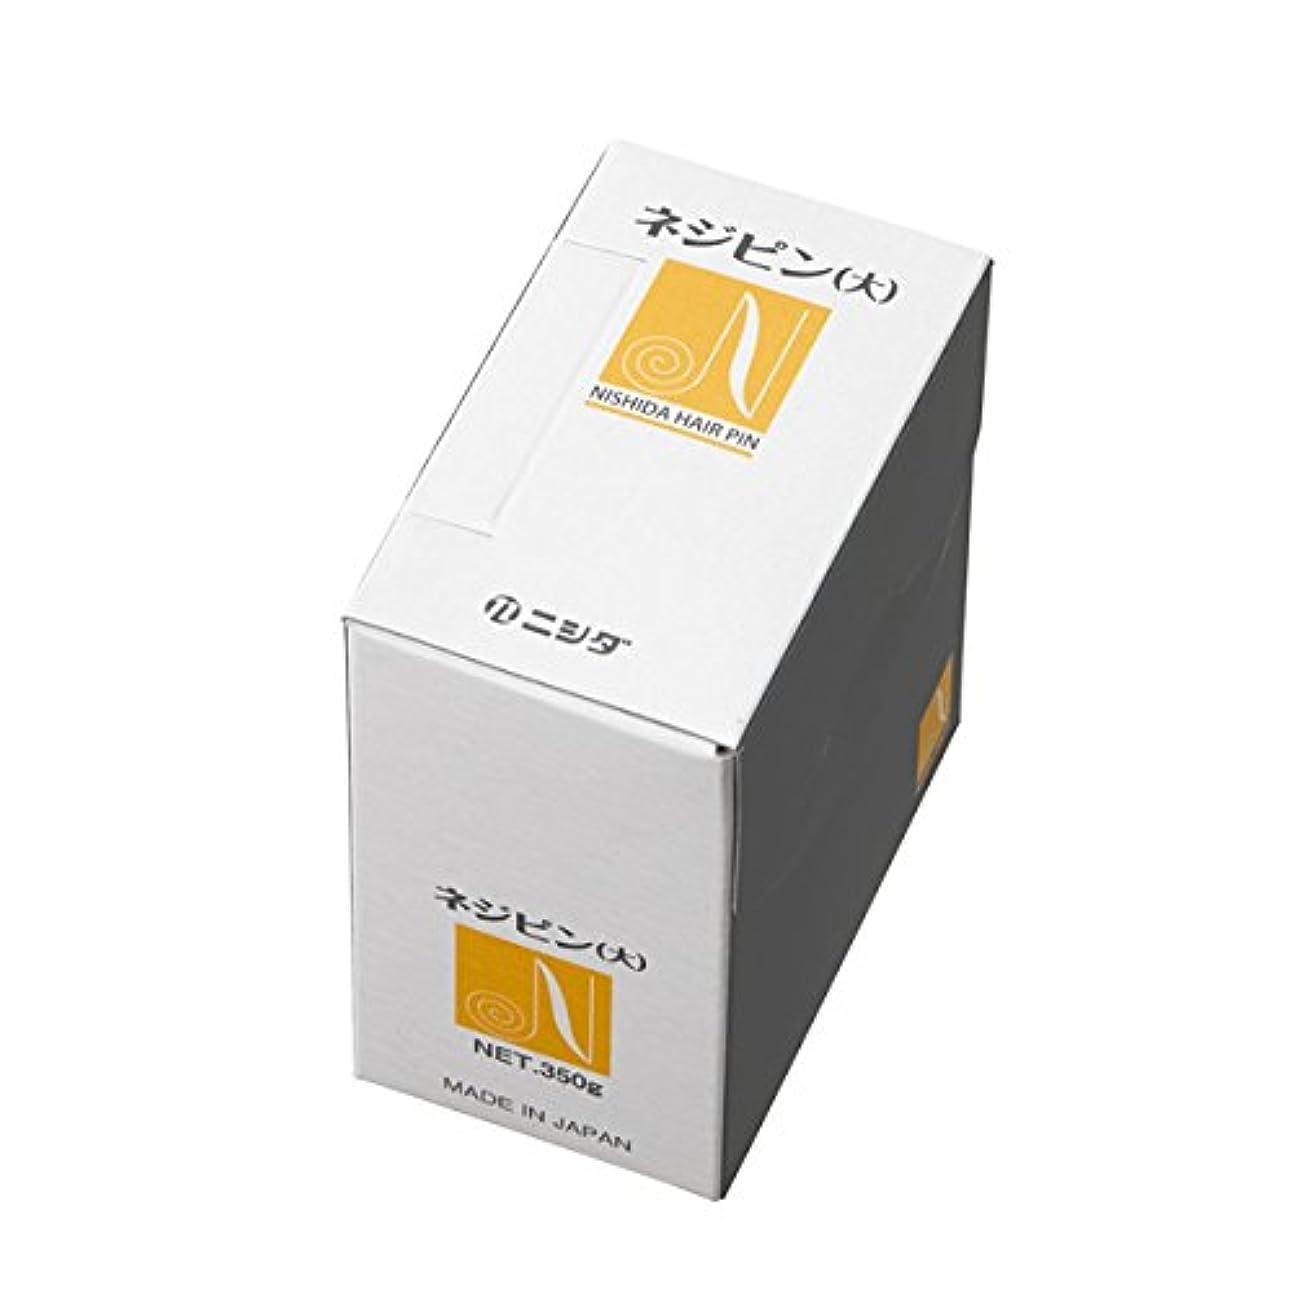 書誌通常取得するニシダピン ネジピン 350g 株式会社ニシダ プロフェッショナルユースでスタイリング自由自在